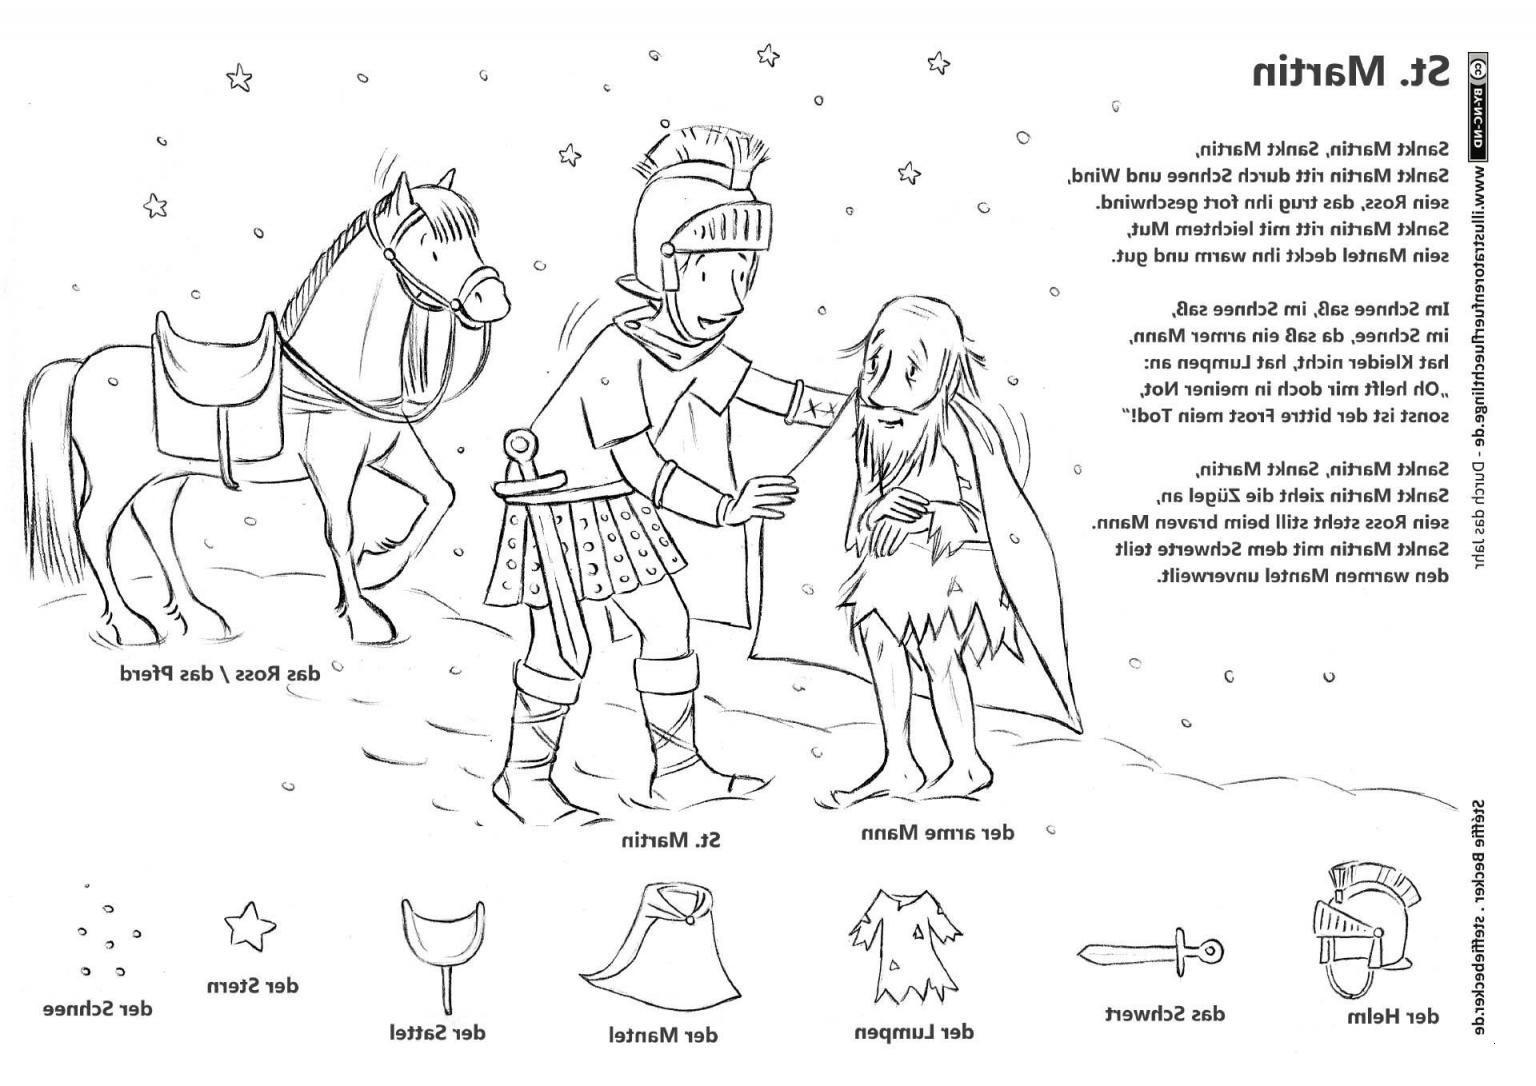 Ausmalbilder Für Kinder Einzigartig Schneewittchen Ausmalbild Vorstellung Ausmalbilder Kostenlos Fotos